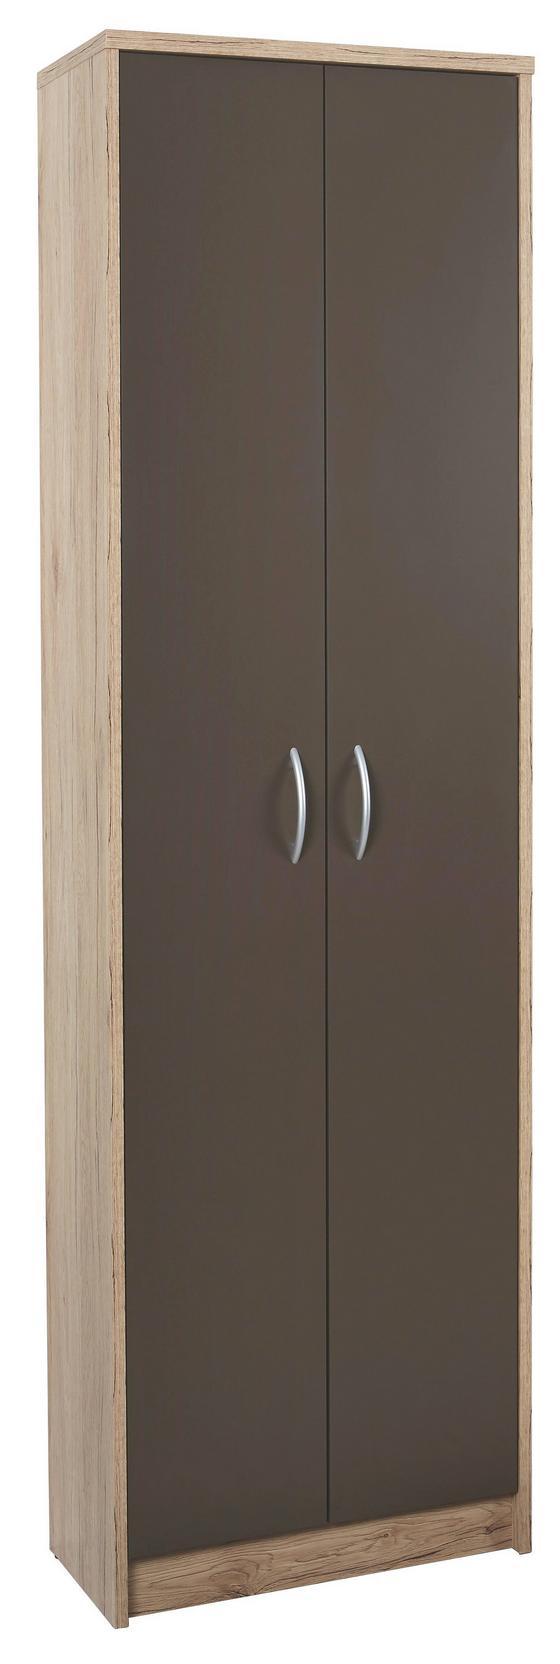 Skříň Šatní Iza - barvy dubu/hnědá, Konvenční, kompozitní dřevo (55/190/26cm)